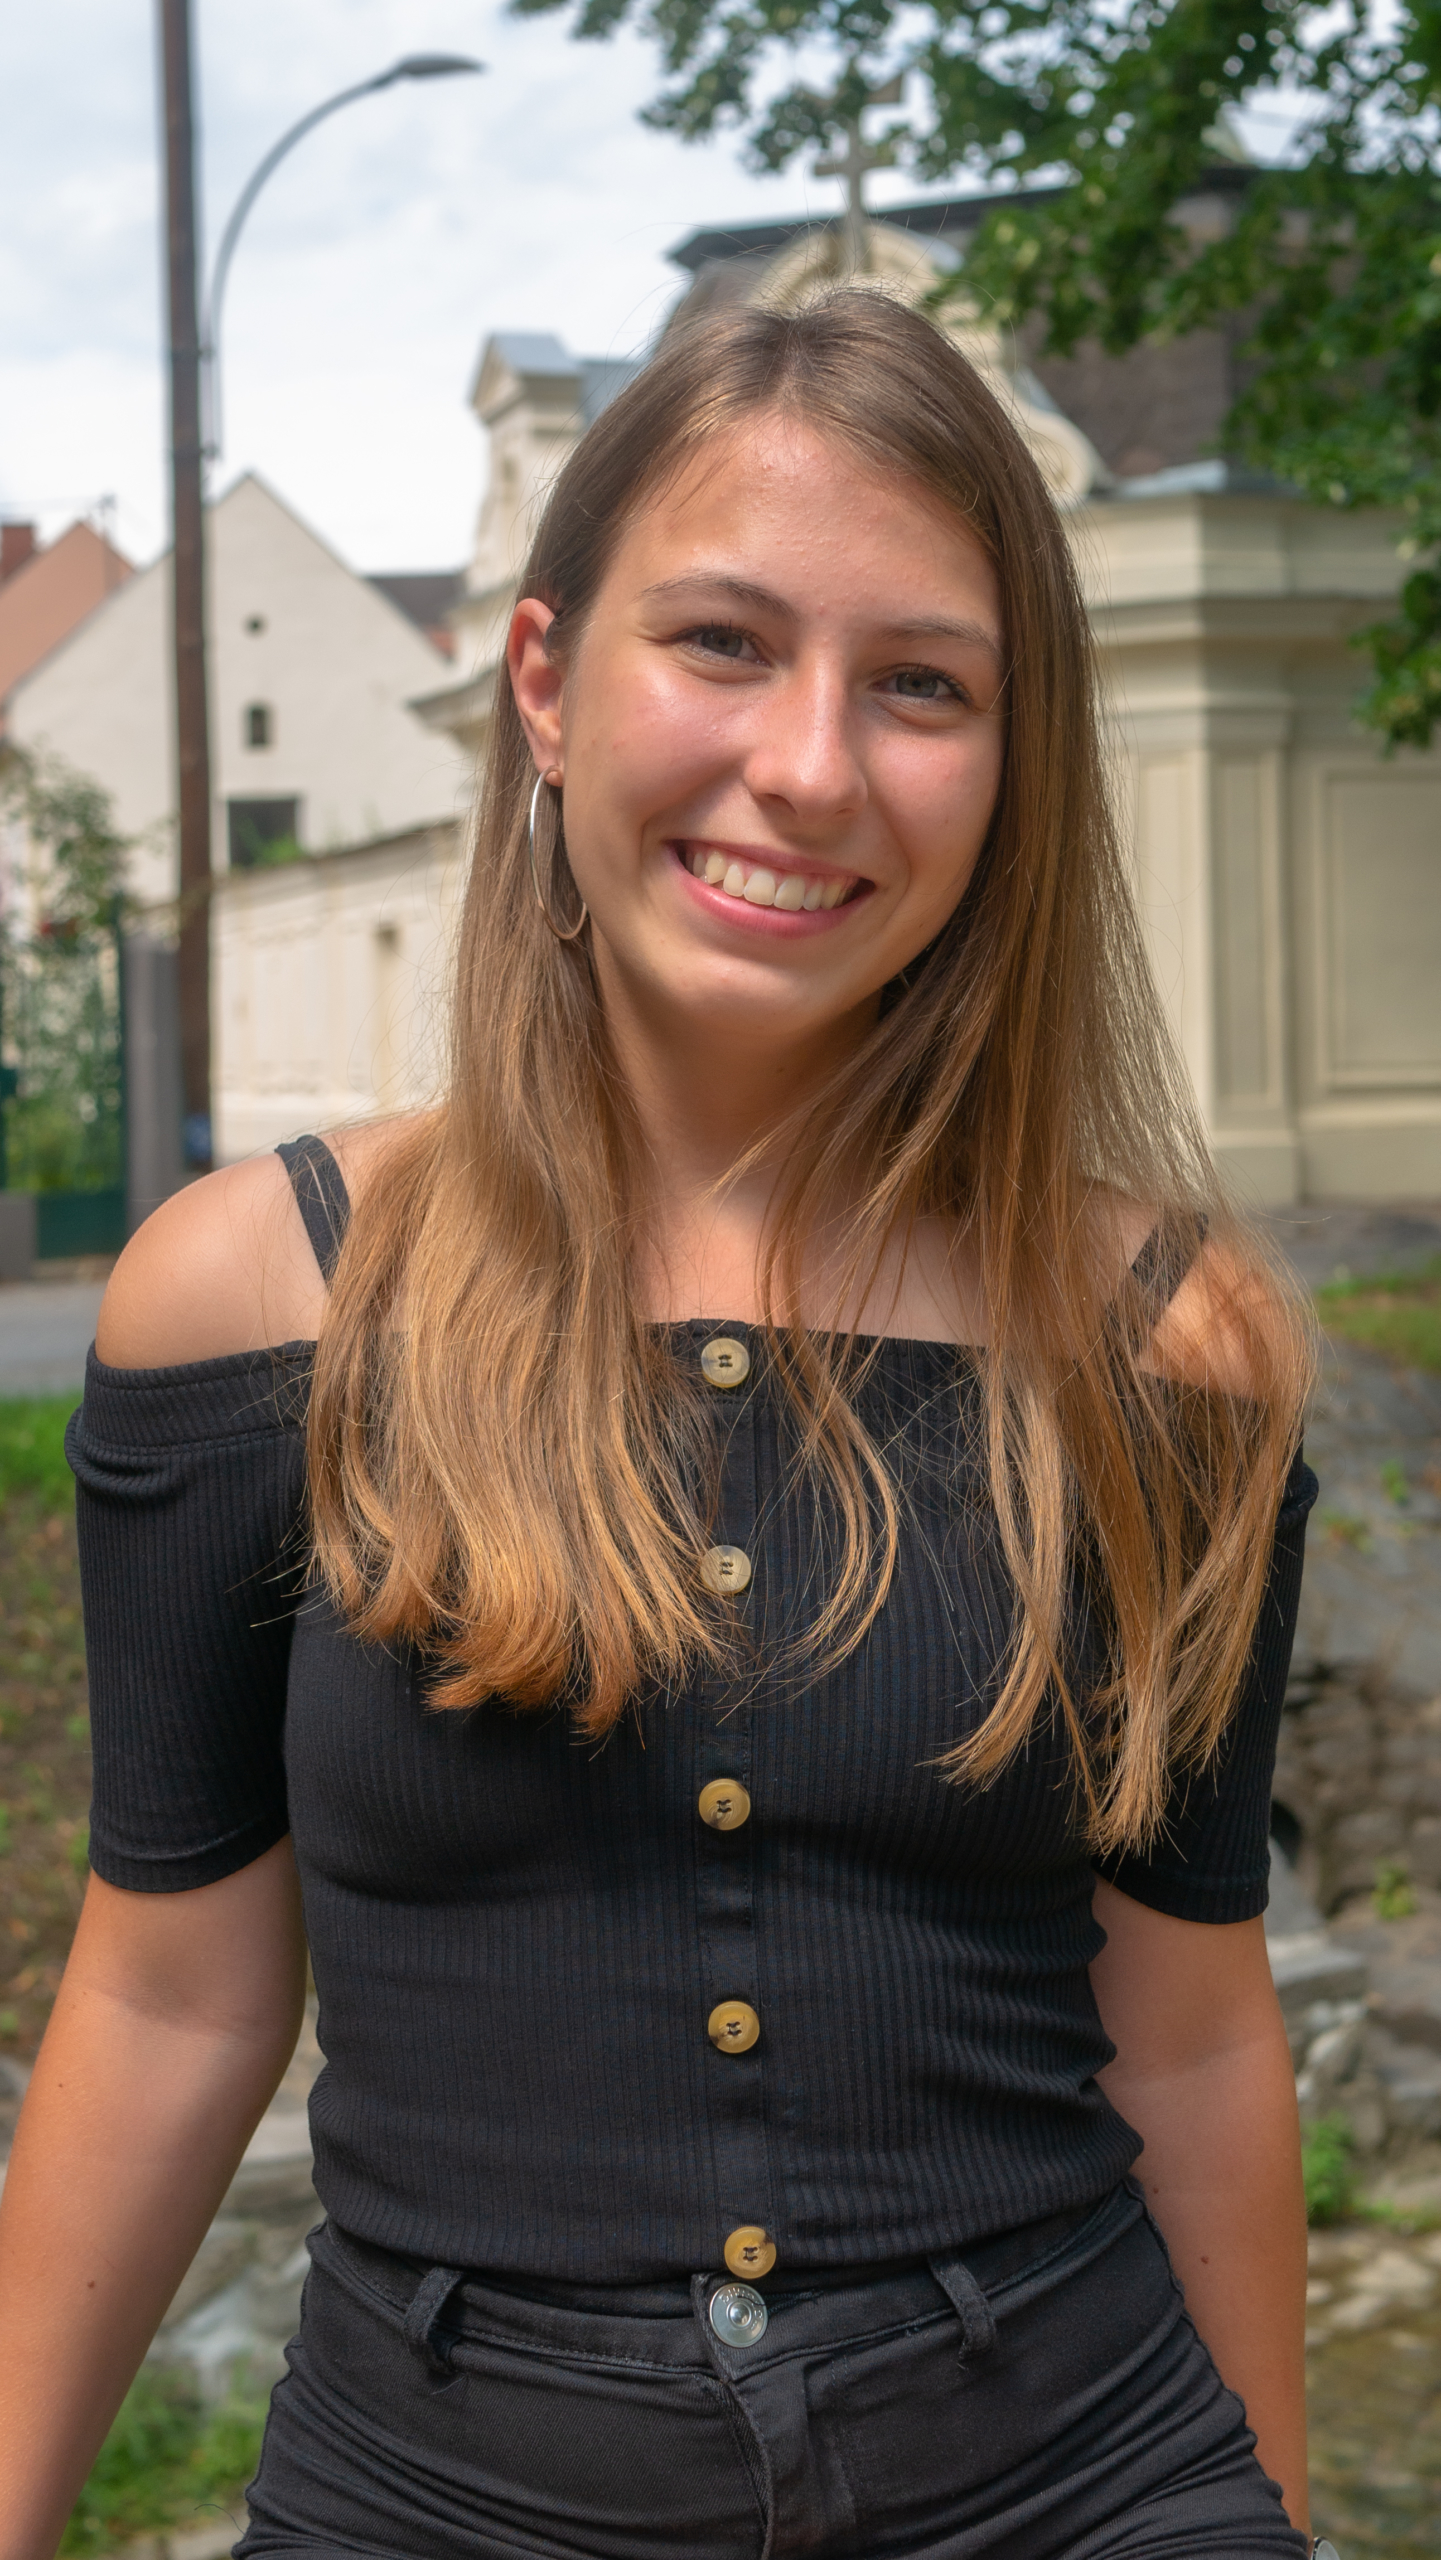 Larissa Eckl